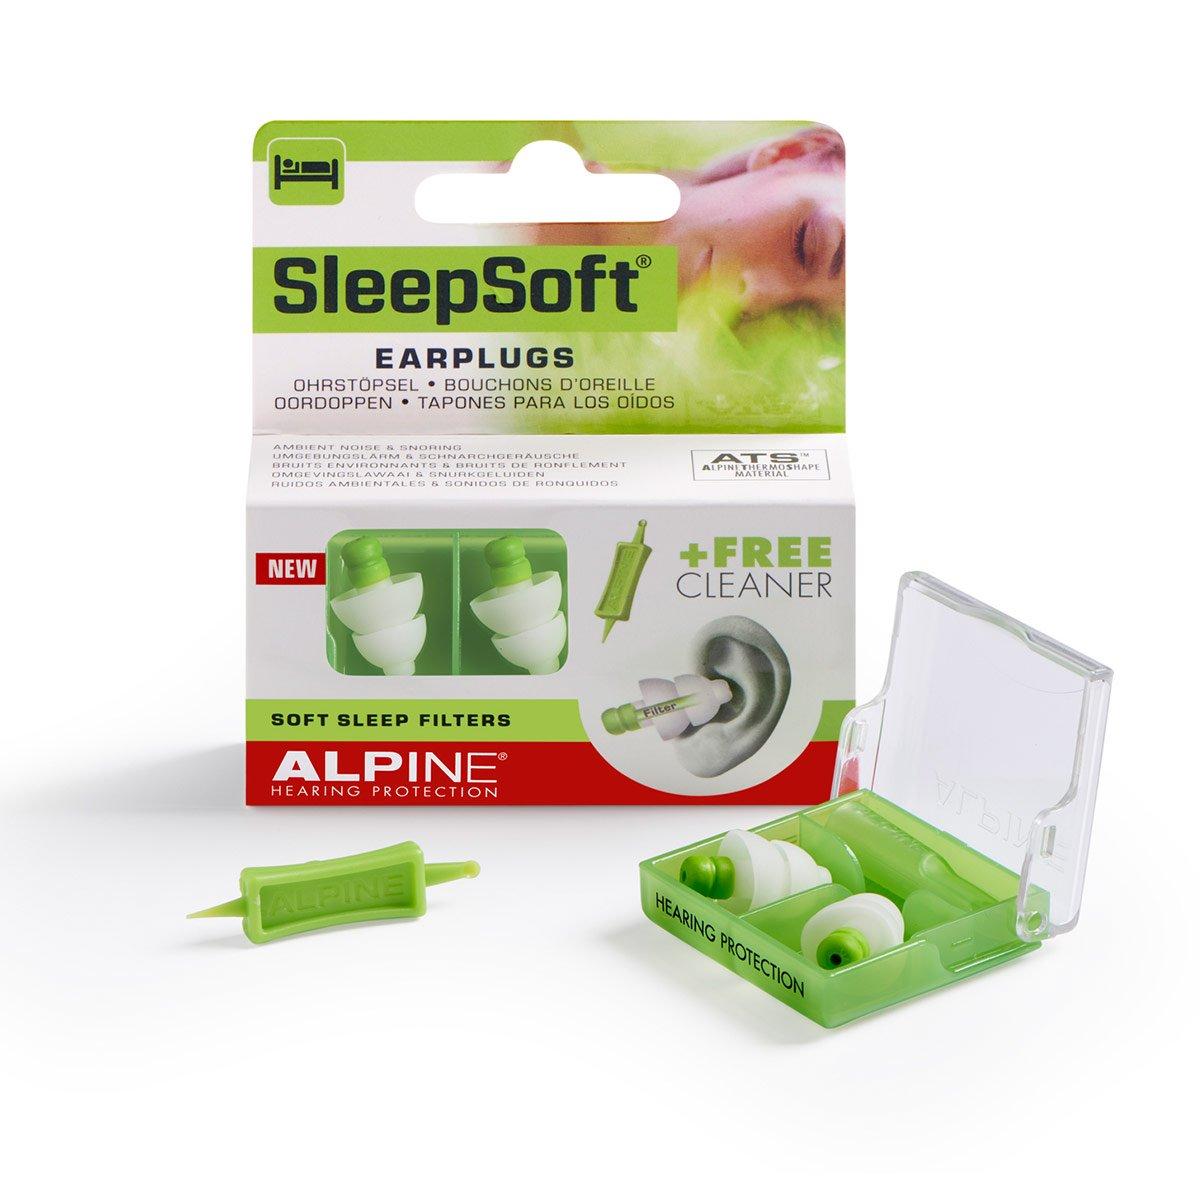 Alpine SleepSoft Tapones - Bloquea los ronquidos y mejora el sueño - Filtros suaves diseñados para dormir - Material hipoalergénico cómodo - Tapones ...